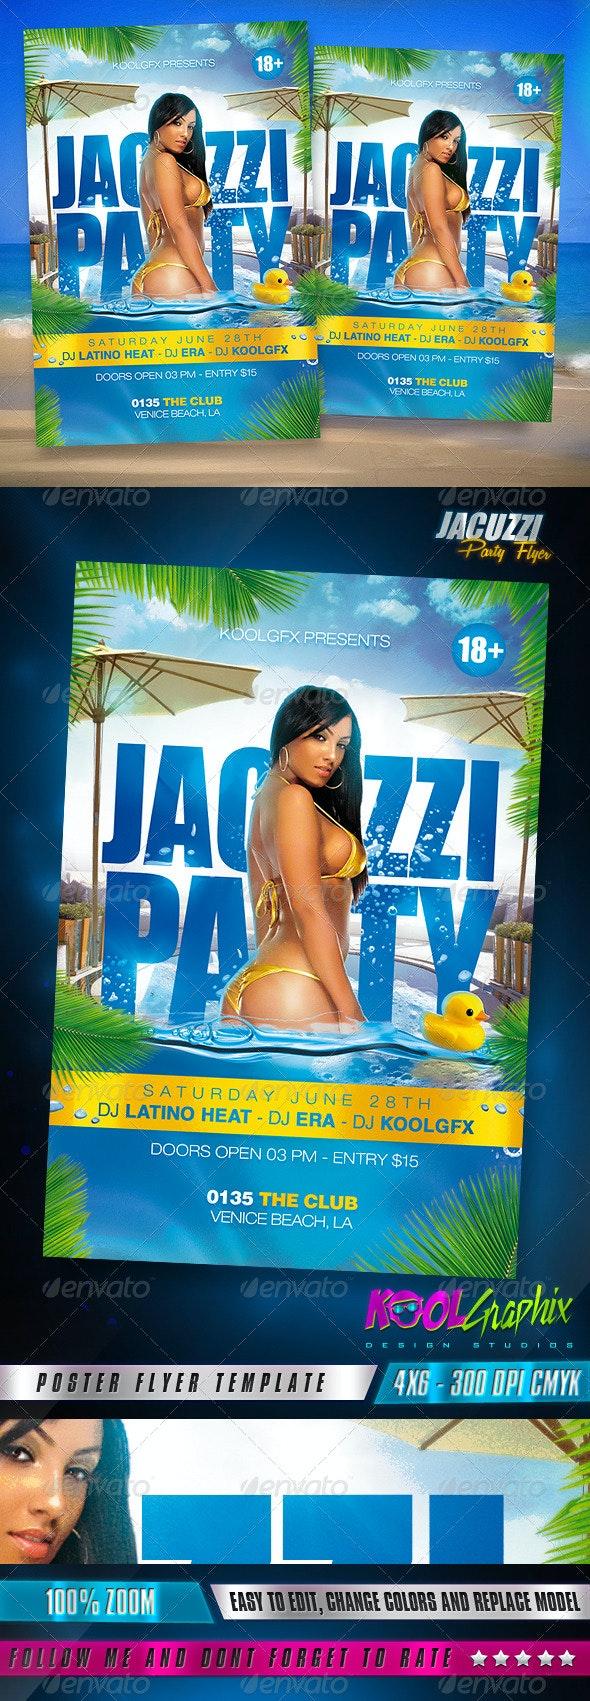 Jacuzzi Party Flyer - Flyers Print Templates